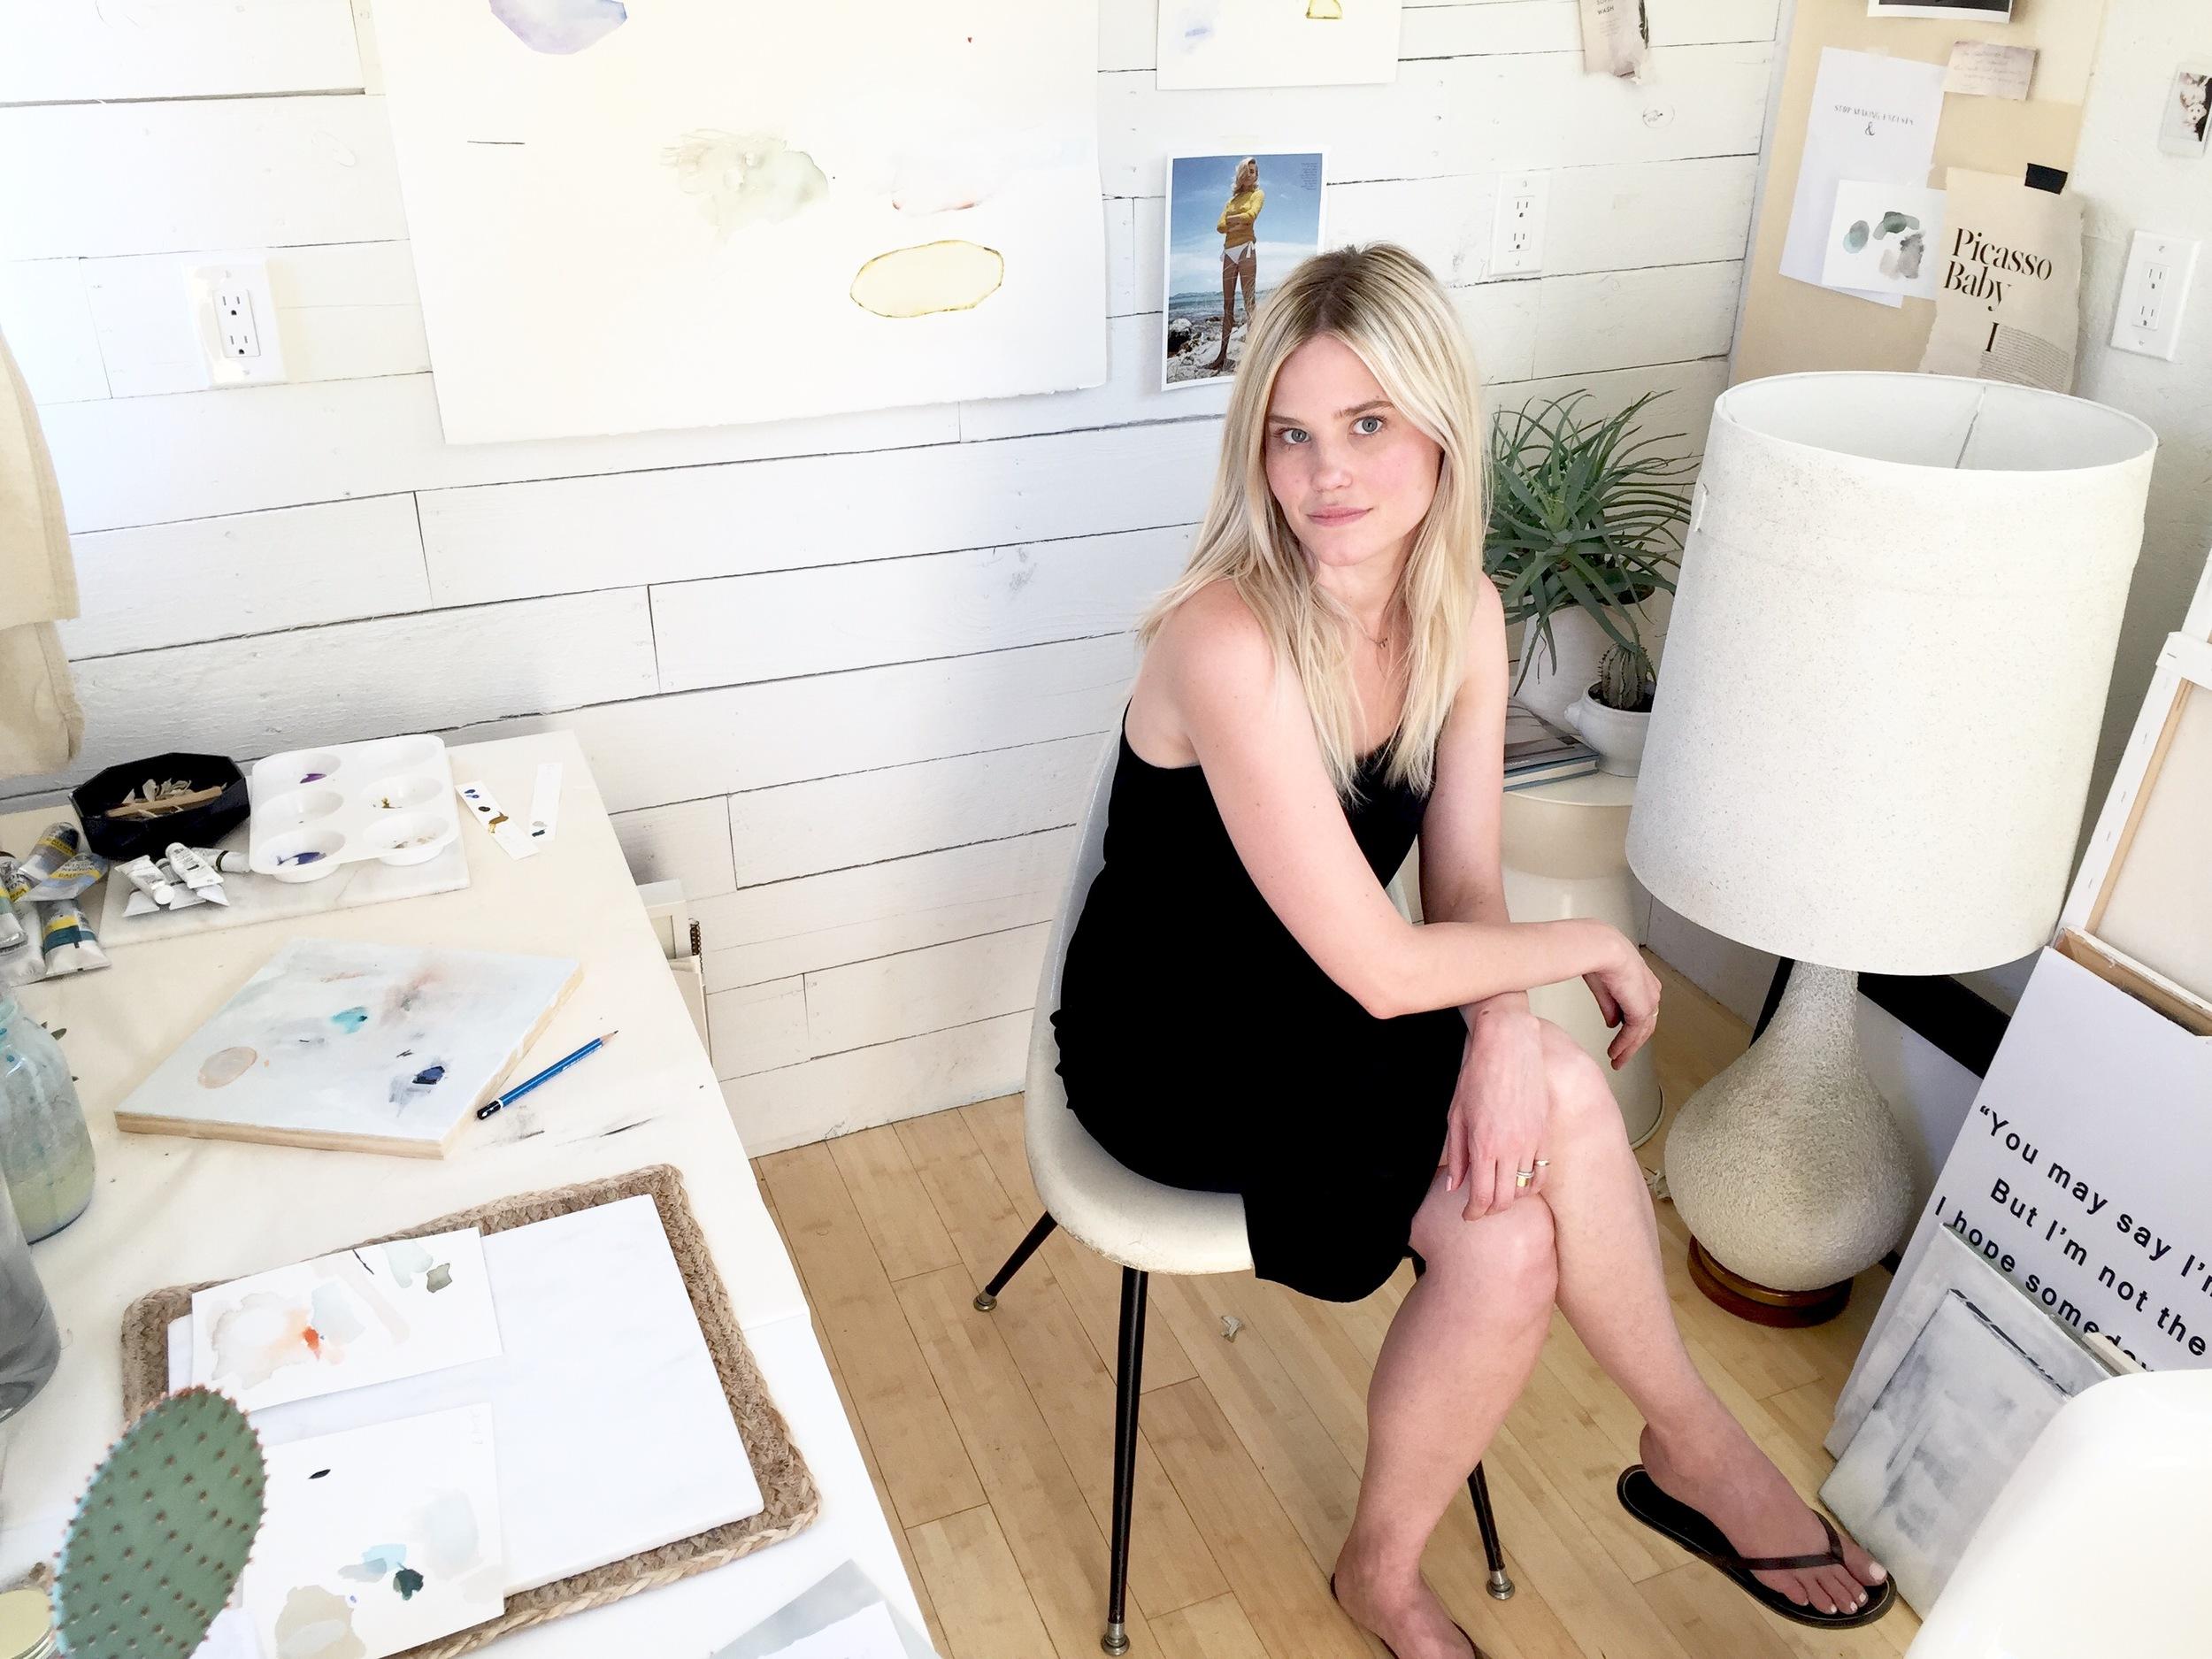 Lindsay King in her studio